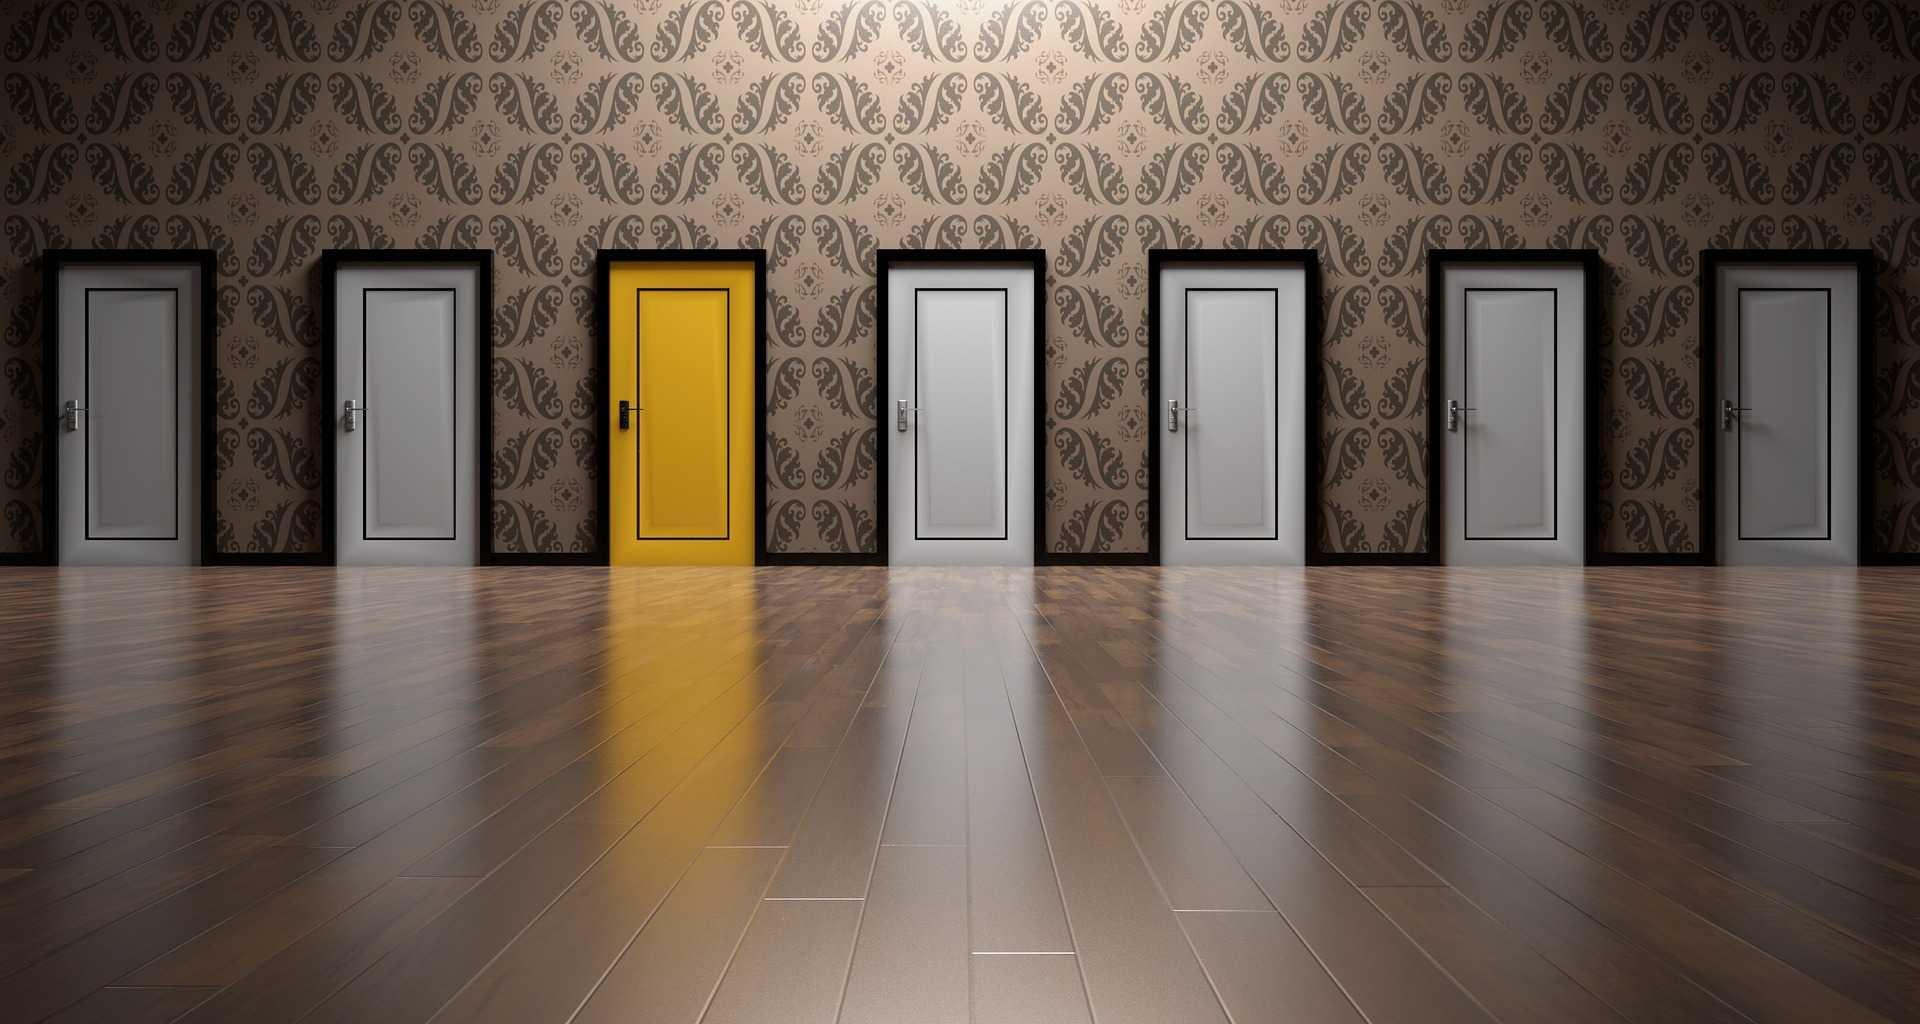 ドアが並んでいる画像